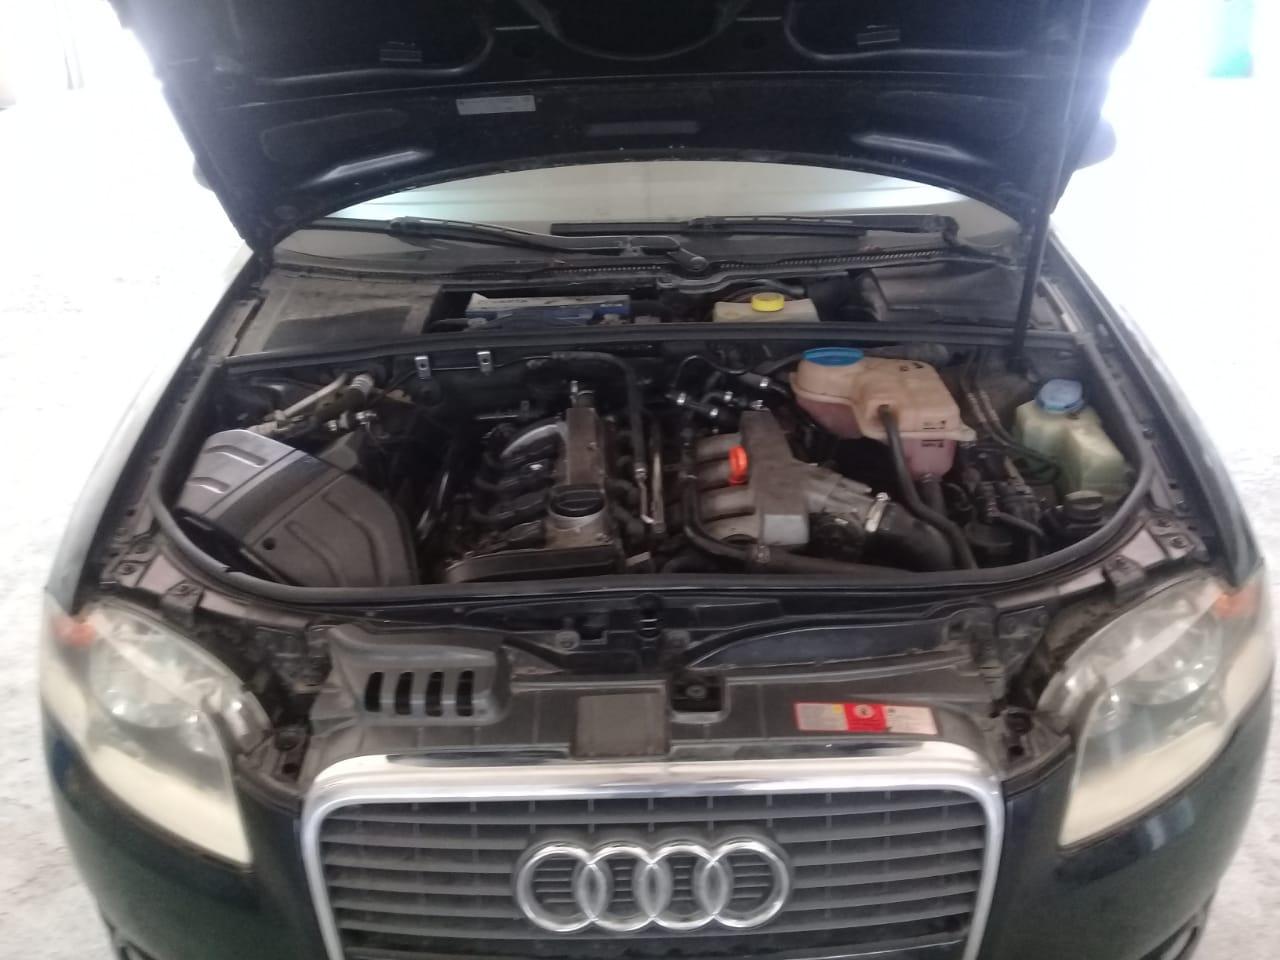 Капитальный ремонт двигателя Ауди 4 , турбо 1,8 в Рузском районе